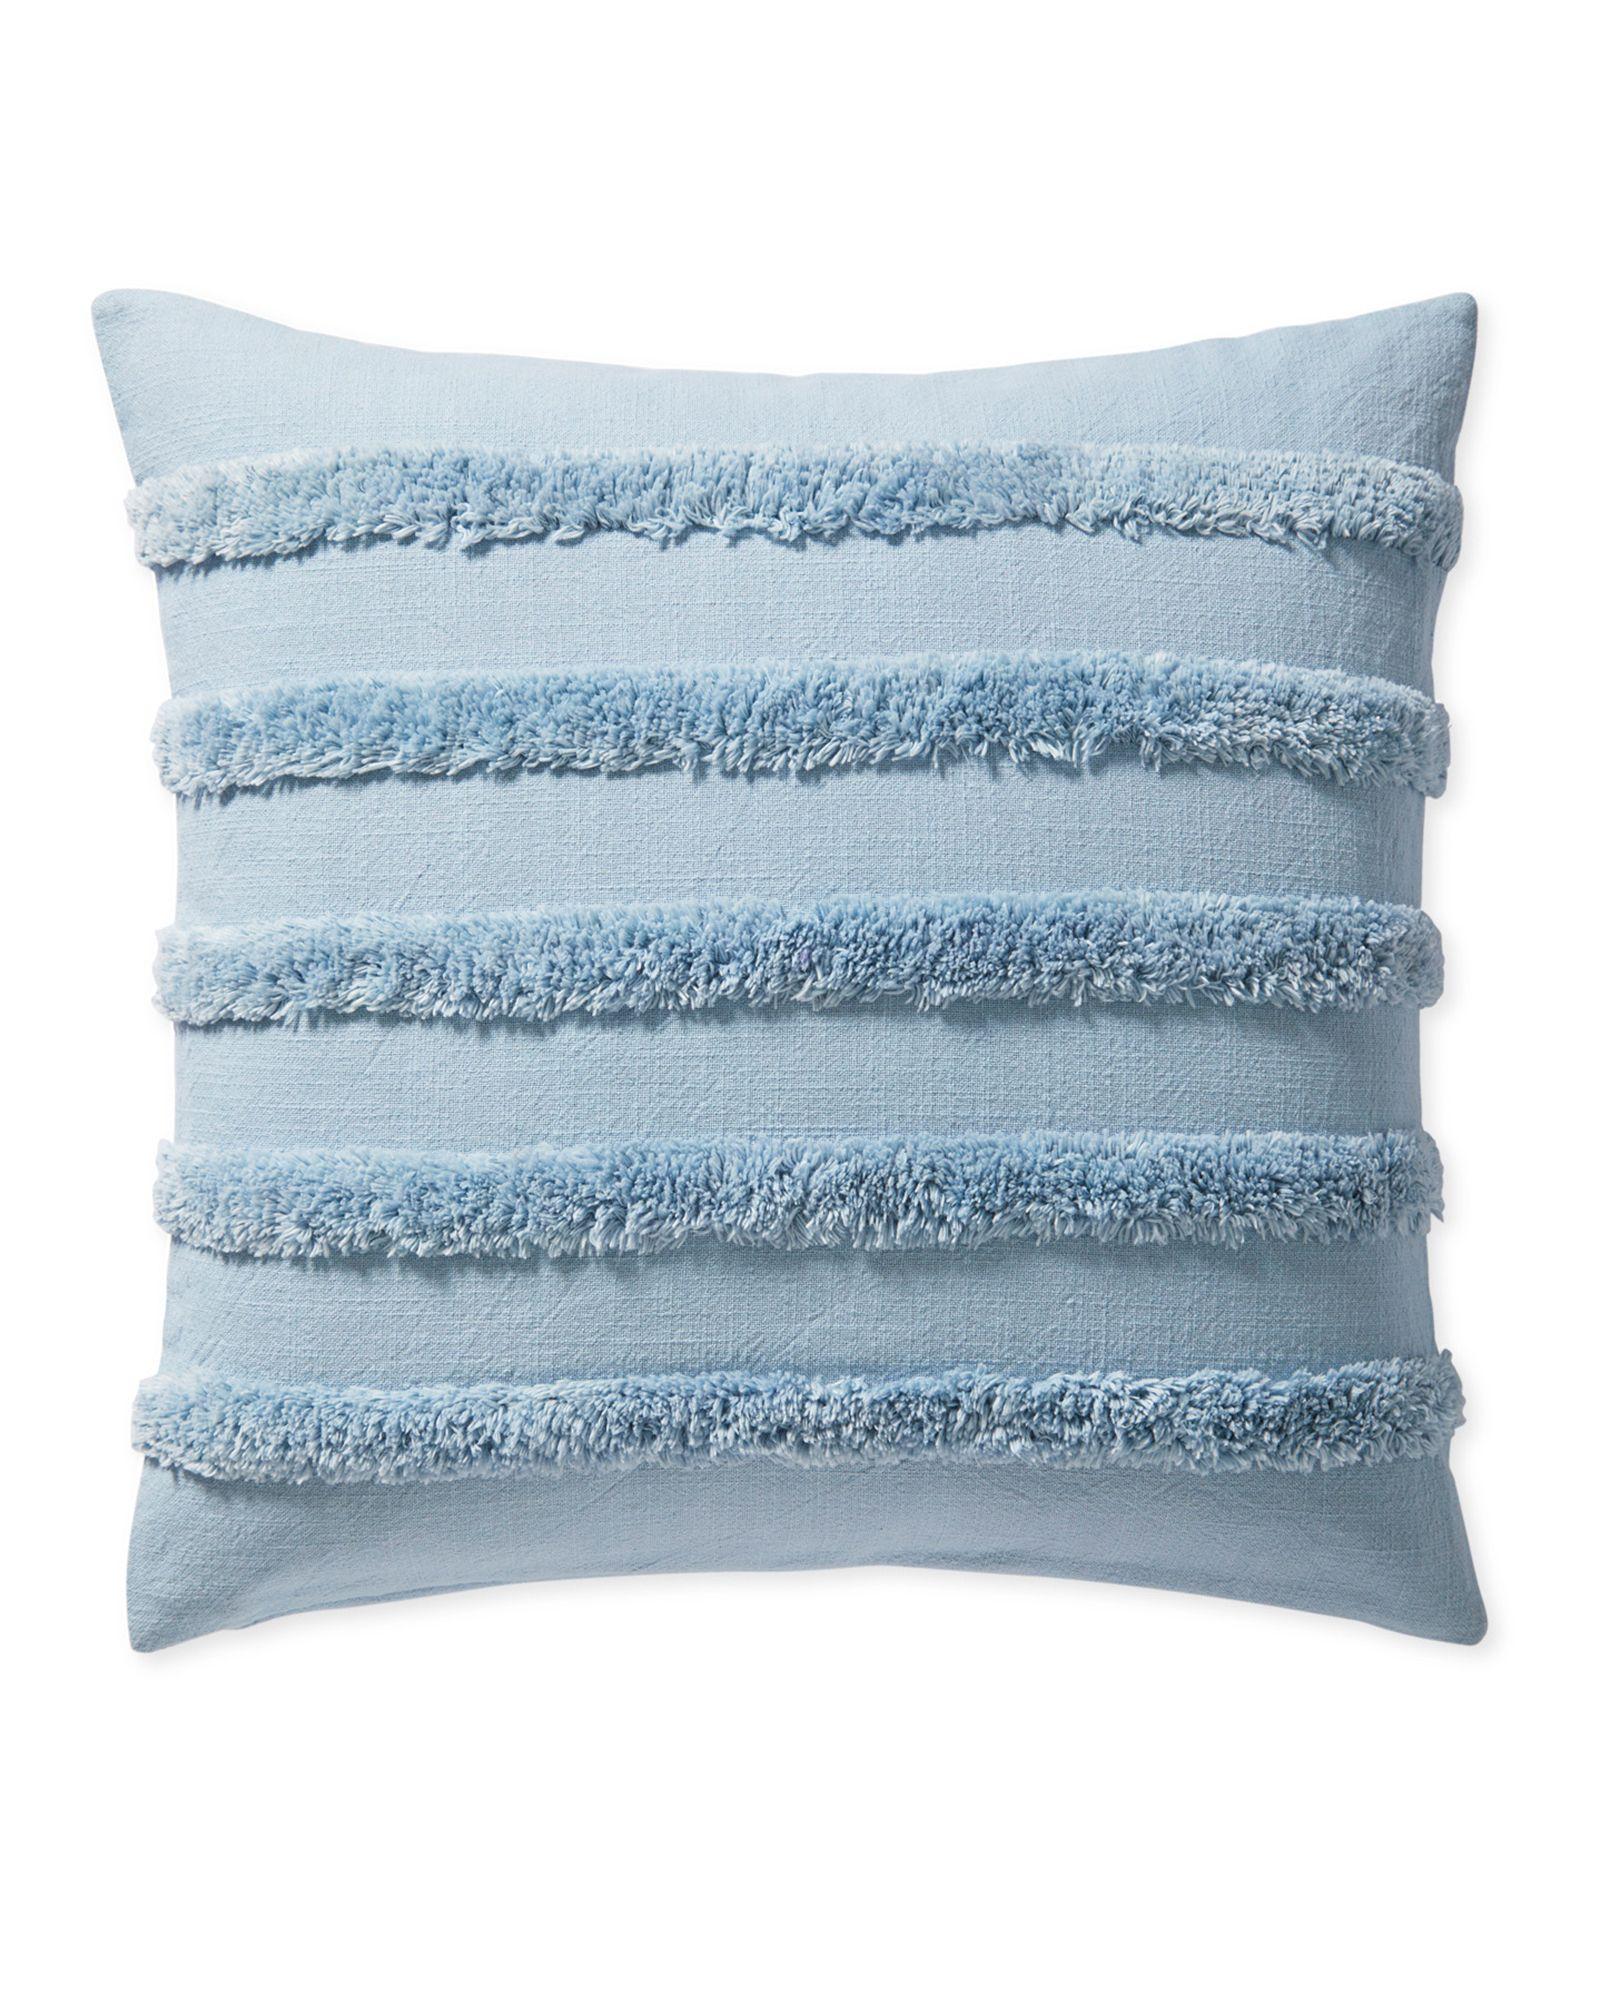 Cuesta Pillow Cover Light Blue Throw Pillows Blue Throw Pillows Light Blue Pillows